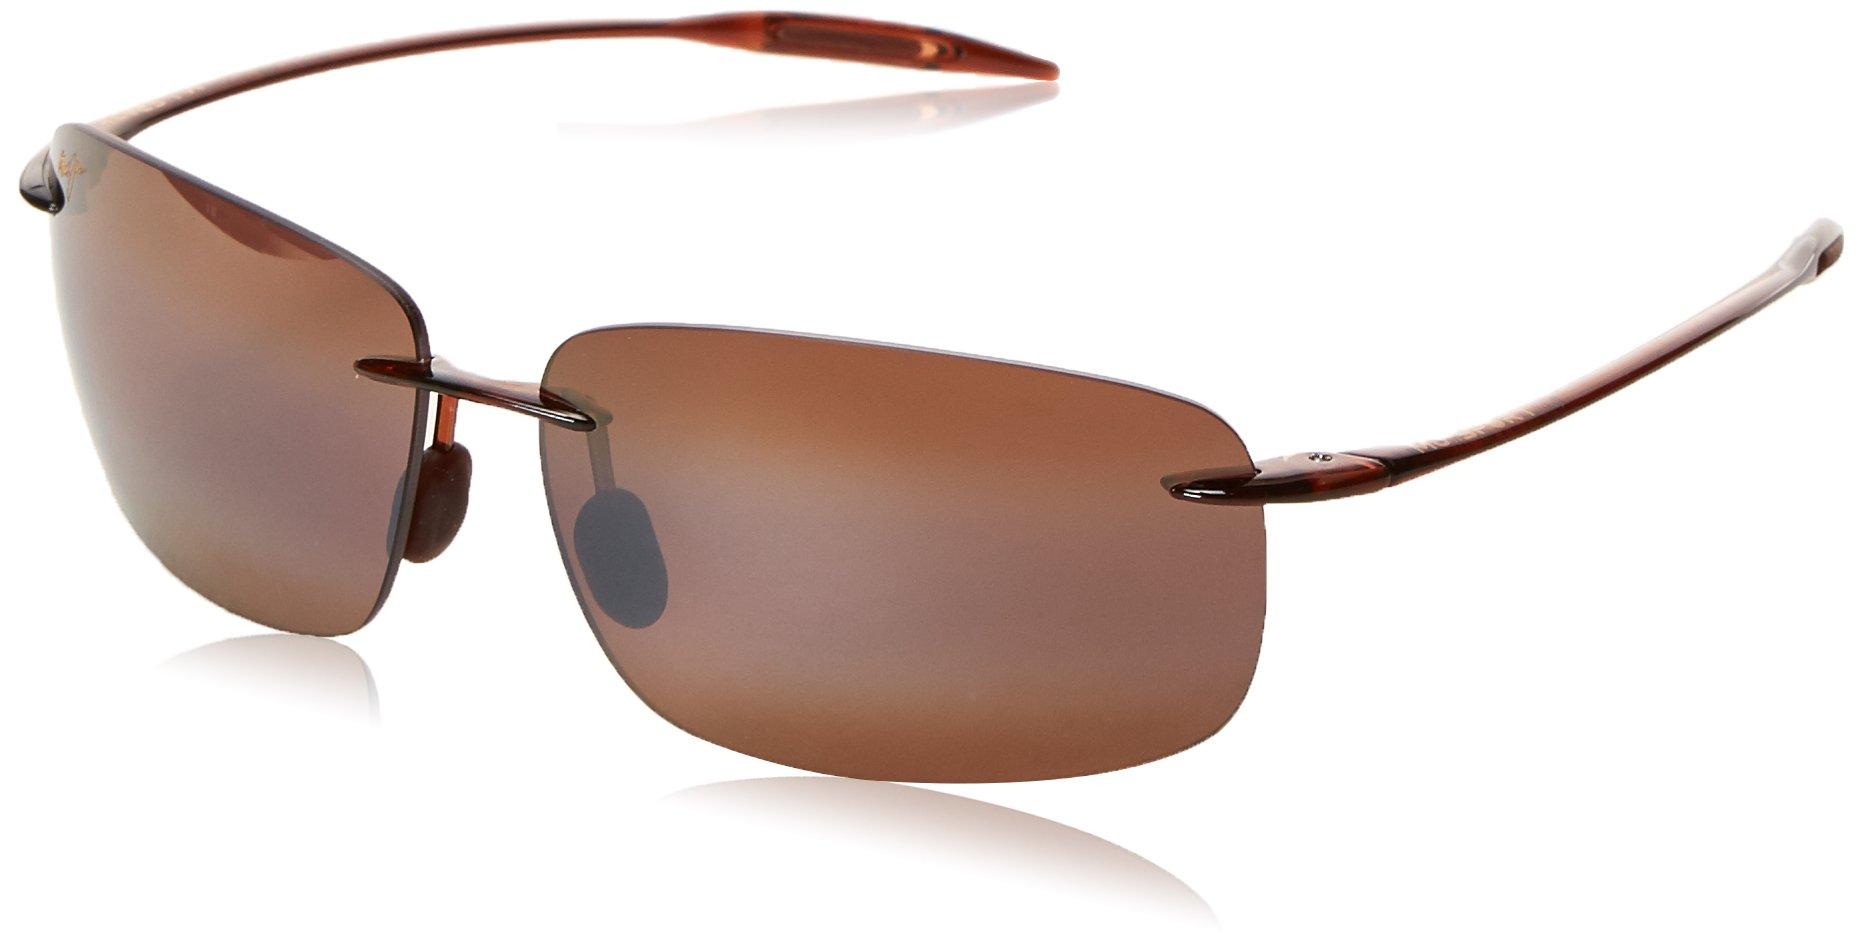 d3cd91b25a Cheap Breakwall Maui Jim Sunglasses